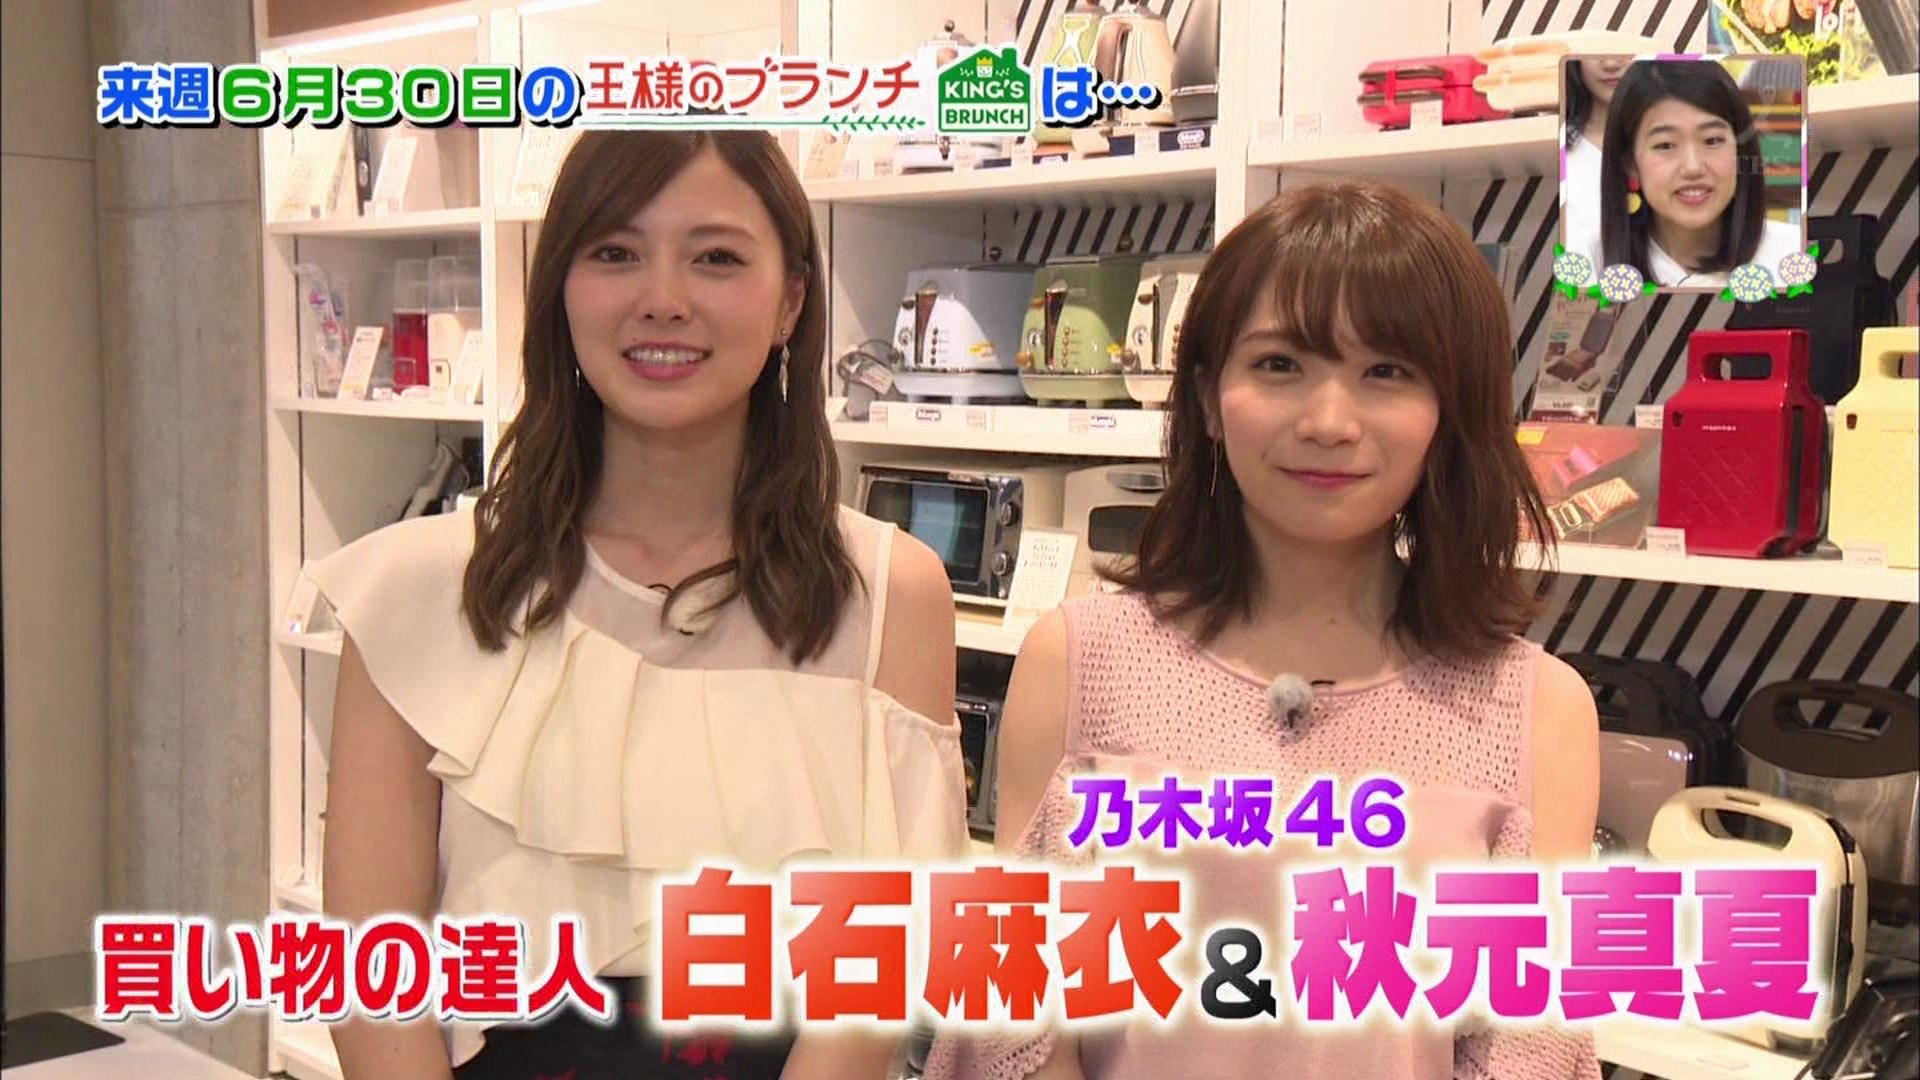 来週6月30日 買い物の達人 乃木坂46 白石麻衣 秋元真夏 銀座買い物